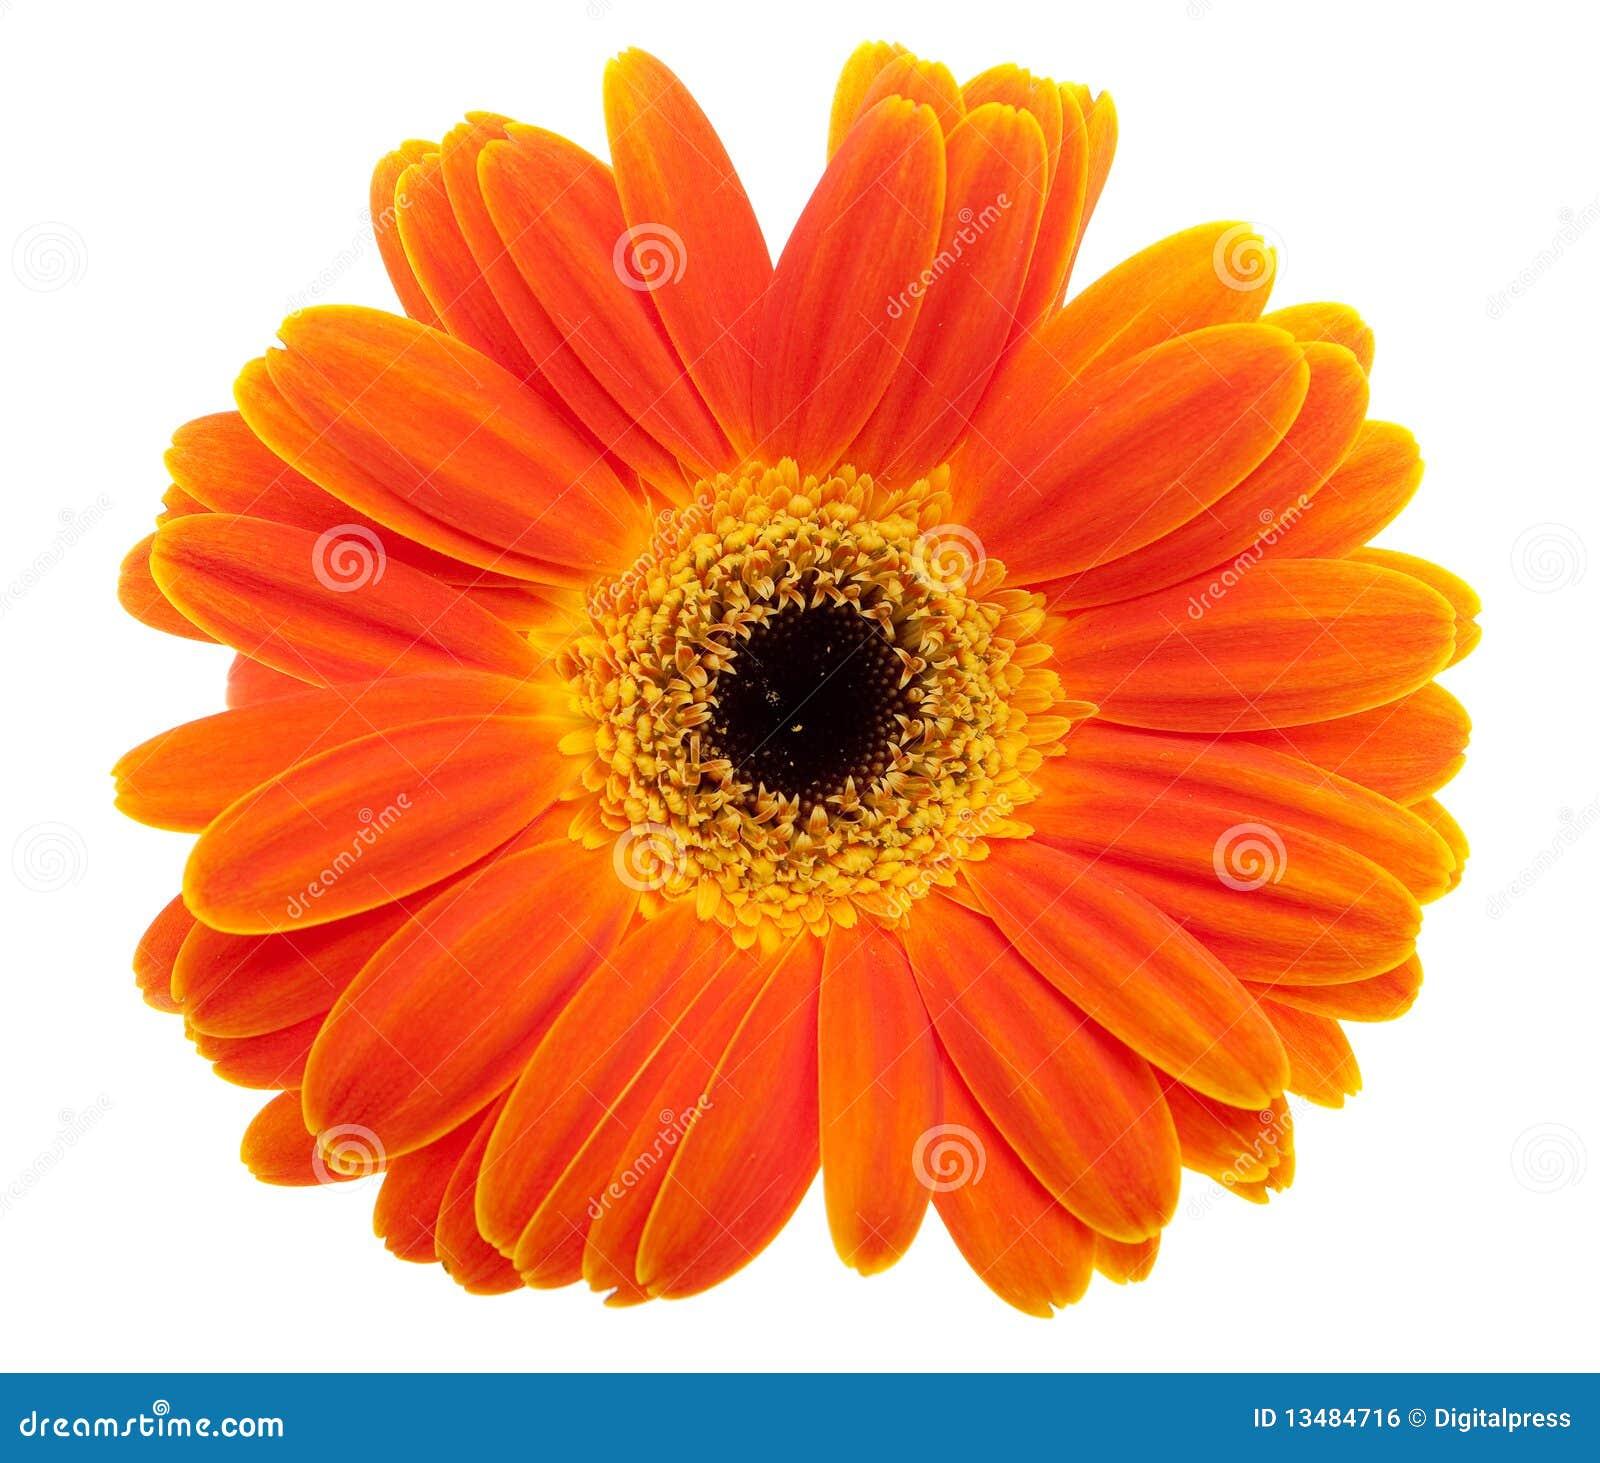 Fleur de marguerite orange image libre de droits image - Image fleur marguerite ...